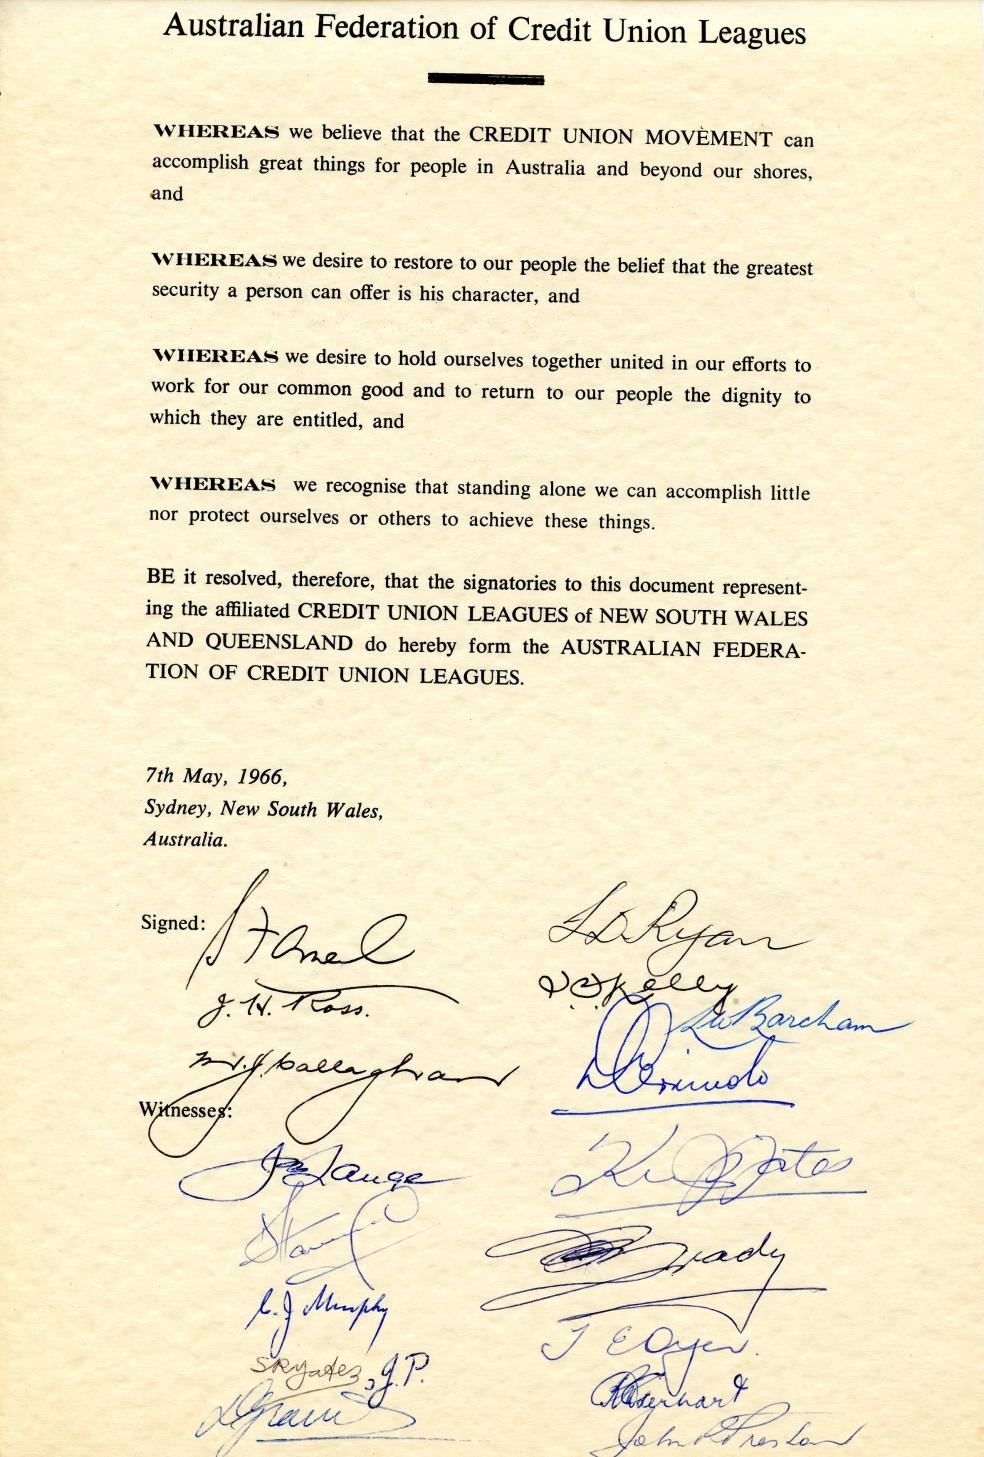 afcul-proclamation-e1543964451200.jpg